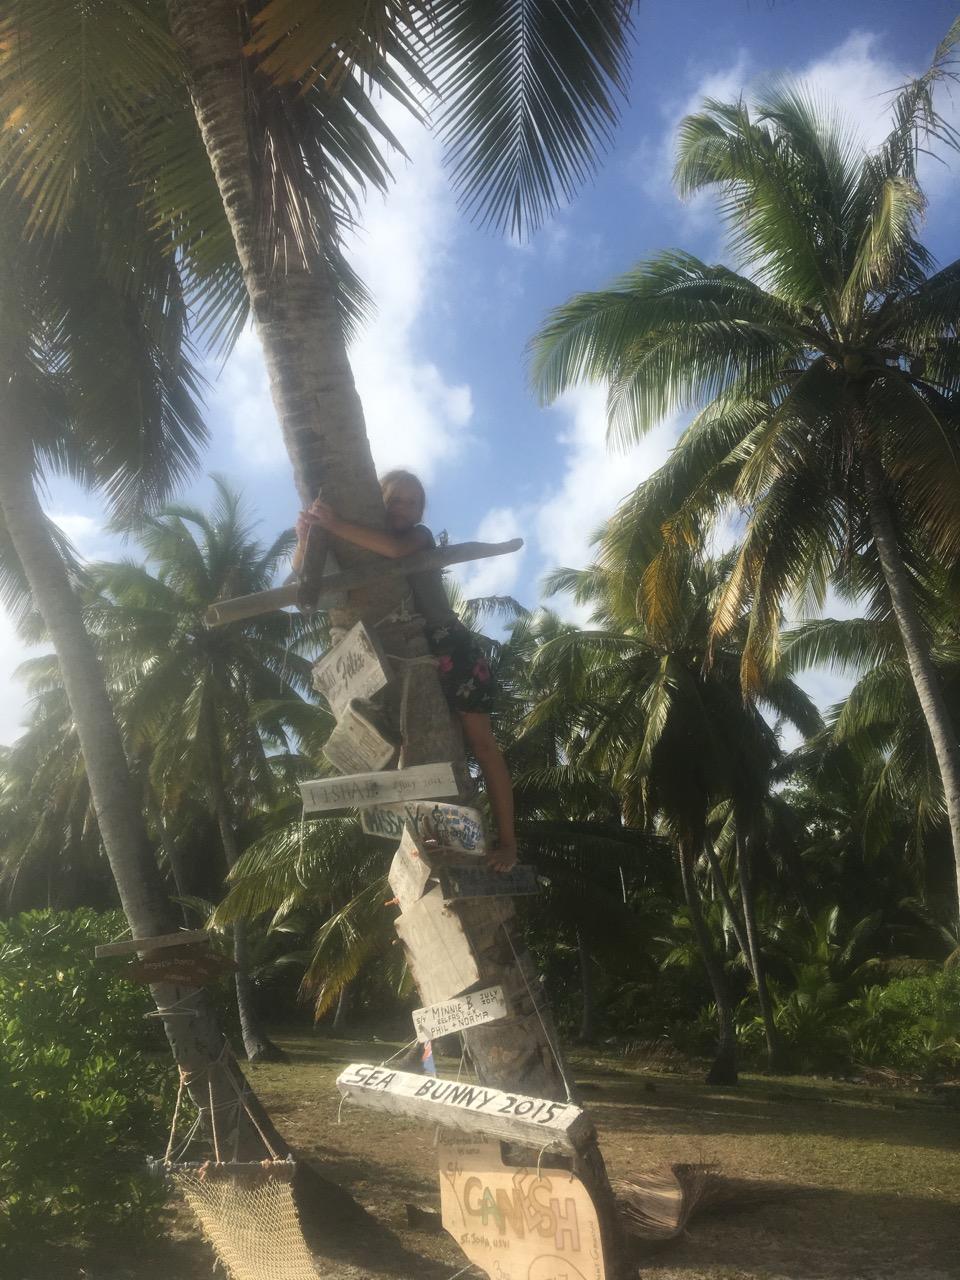 Paula erkletter diese Palme, um unser Bootsschild aufzuhängen